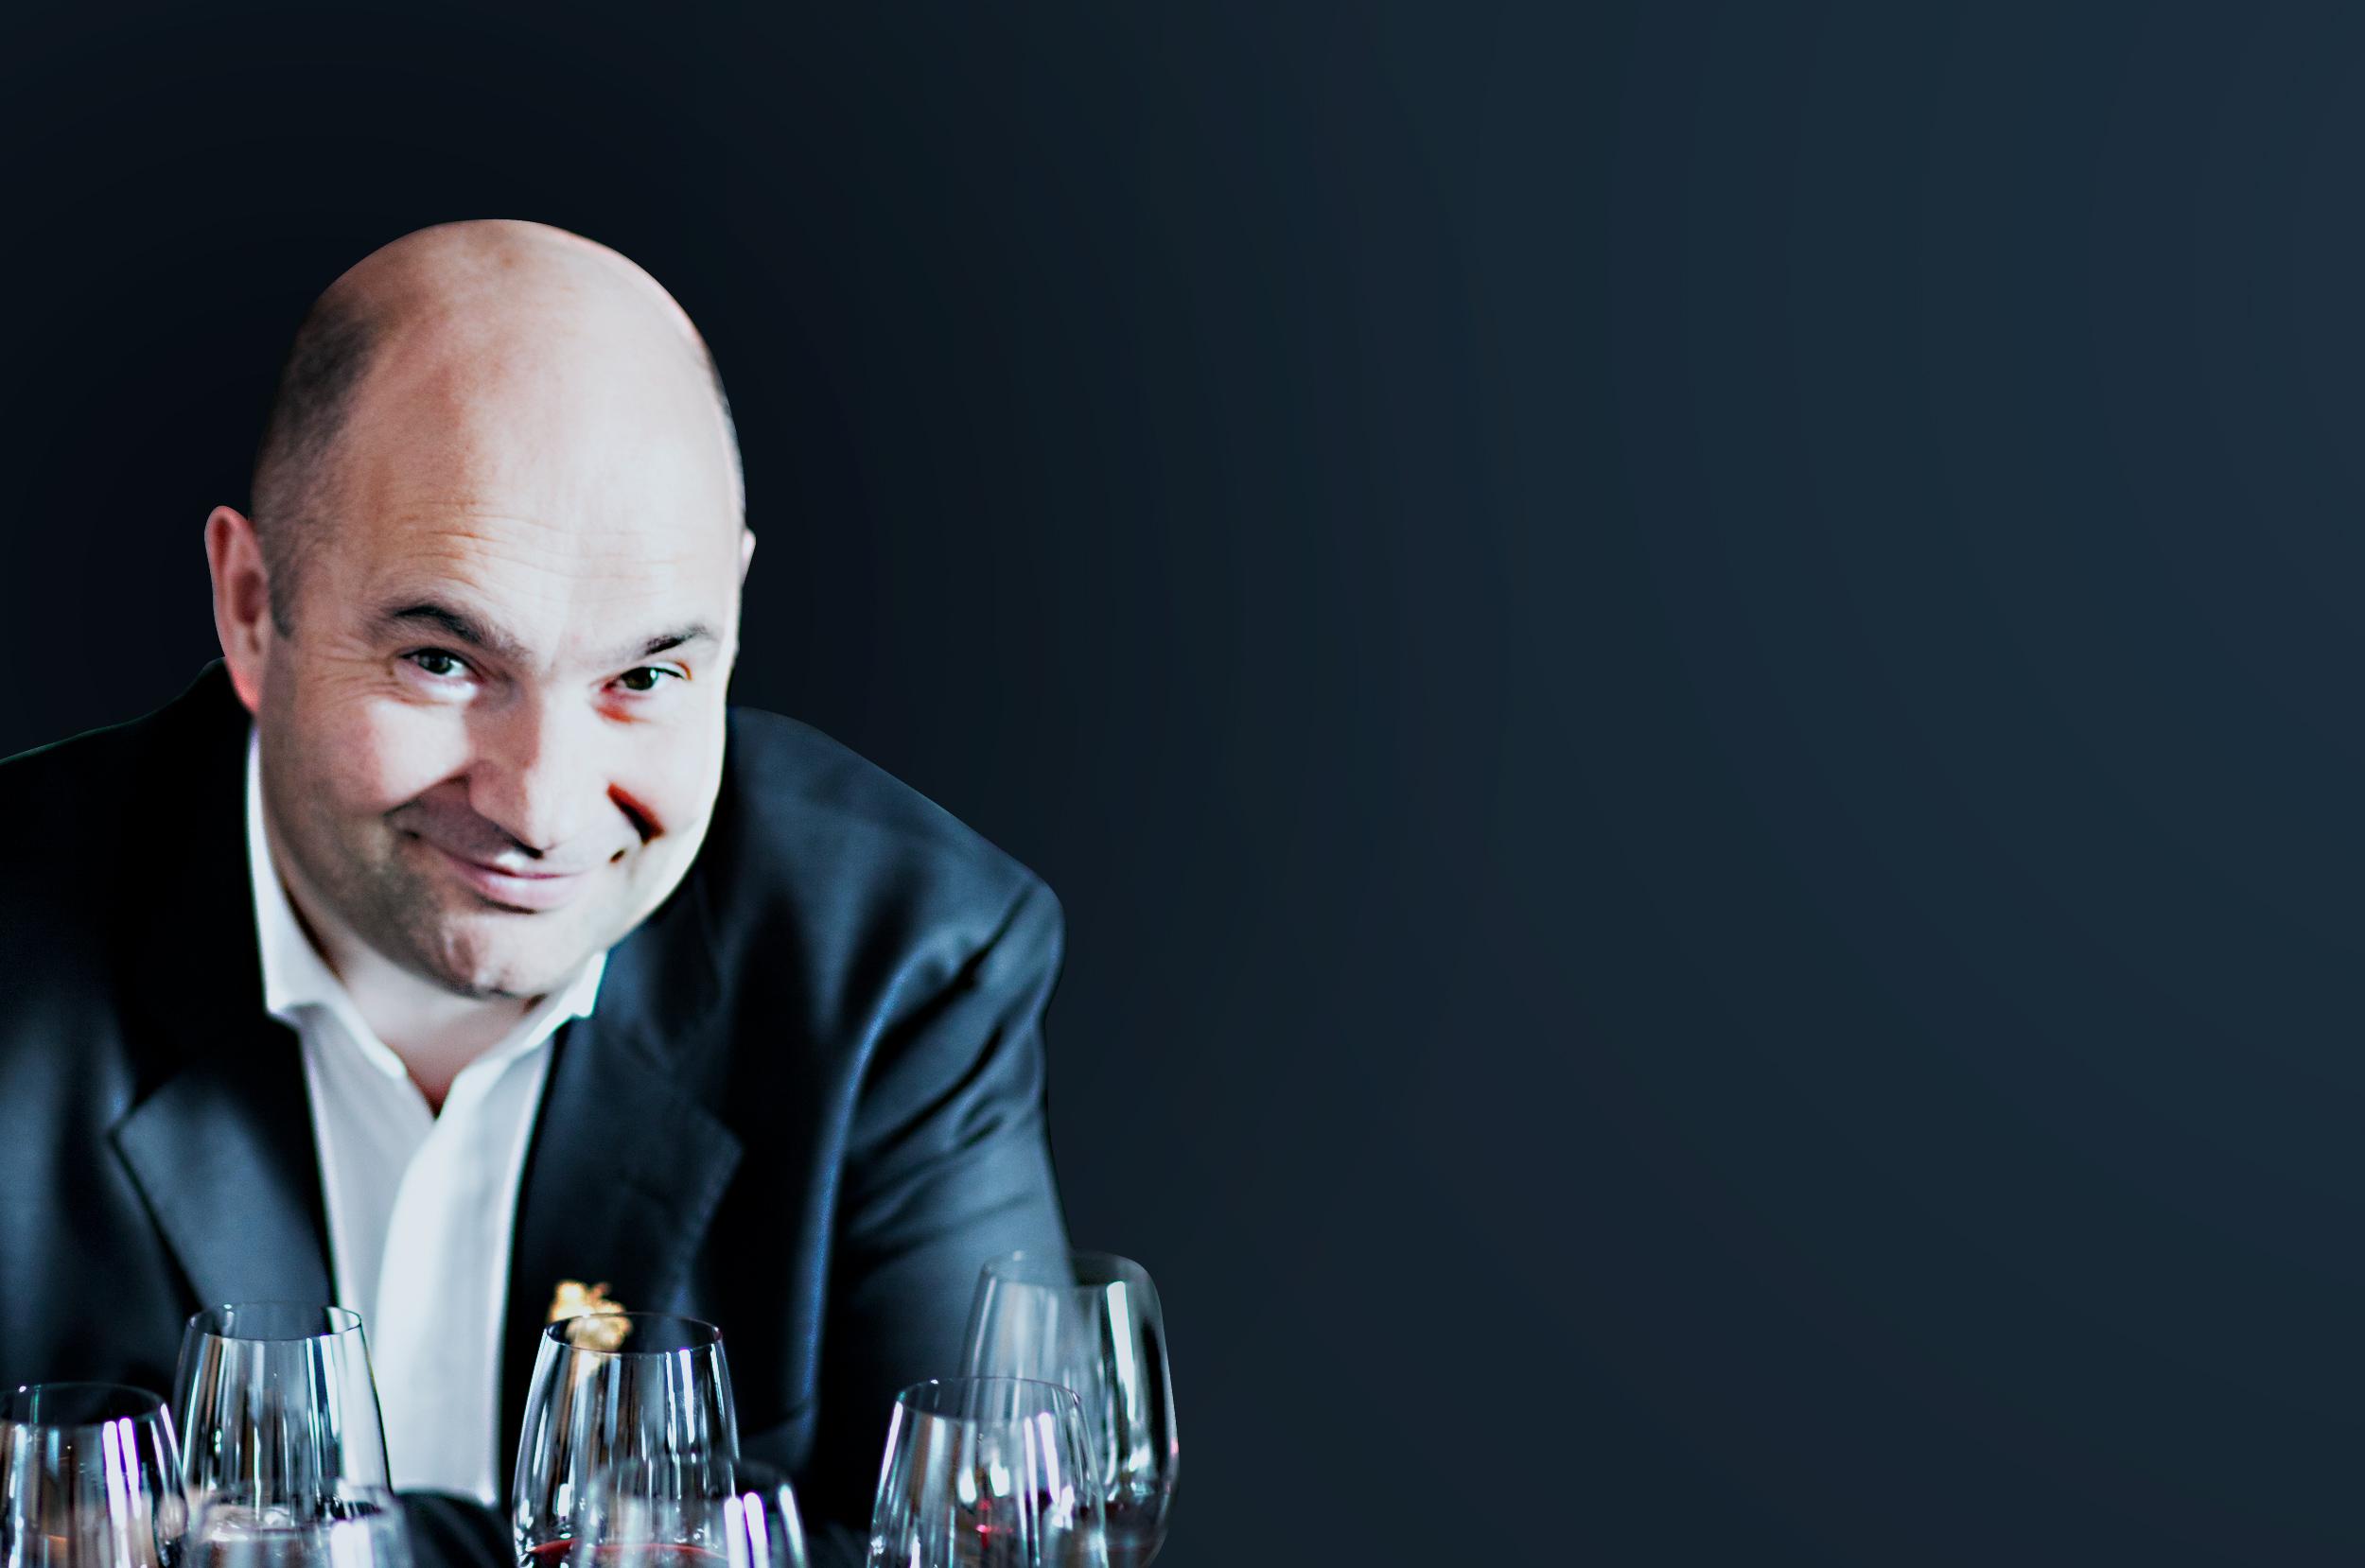 Vinkurs med Svein Lindin